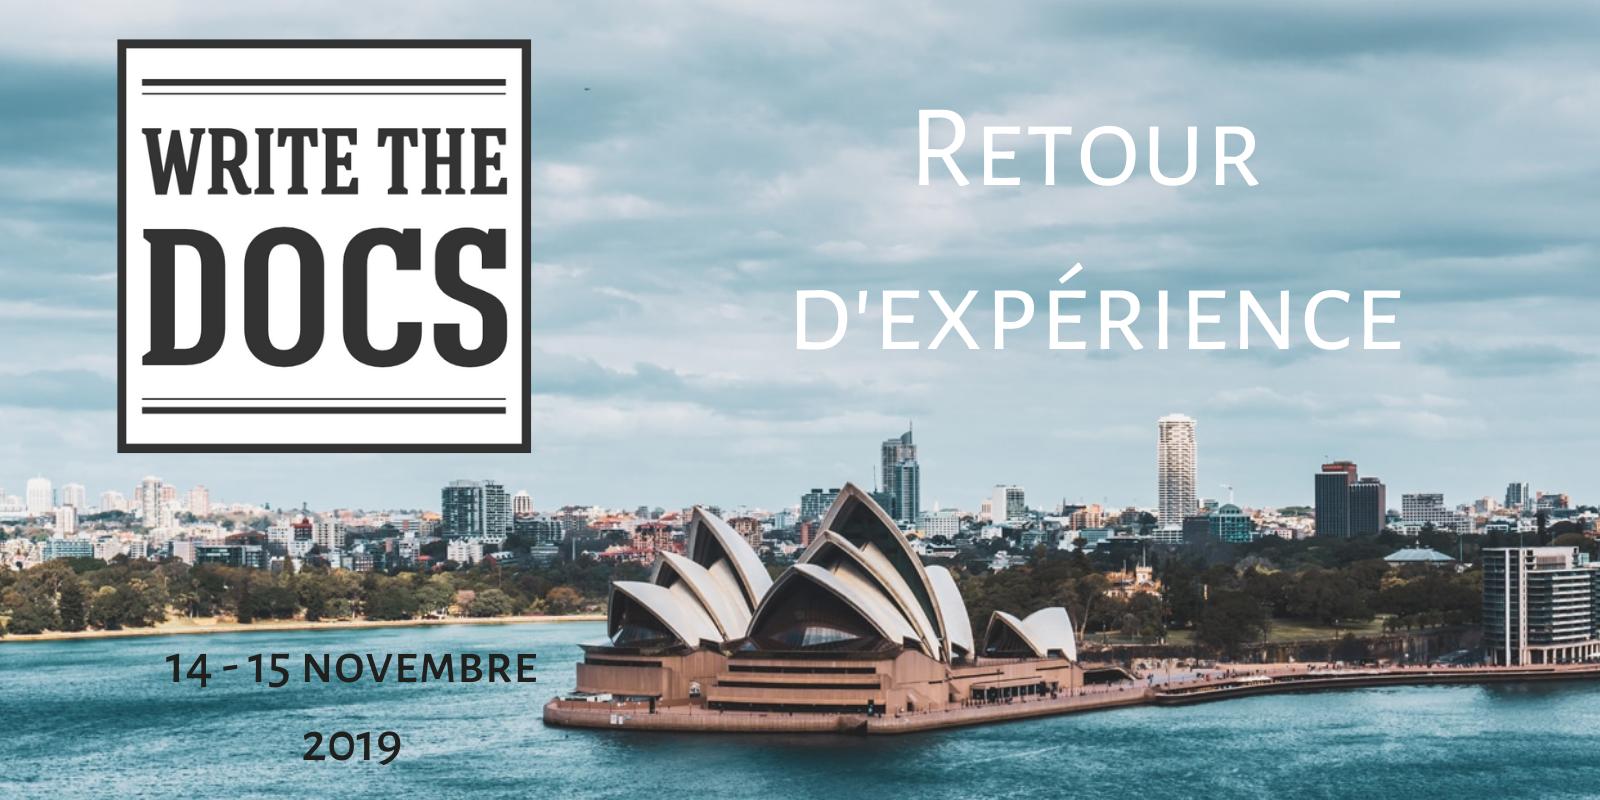 シドニーで開催された Write the Docs 2019に参加しました